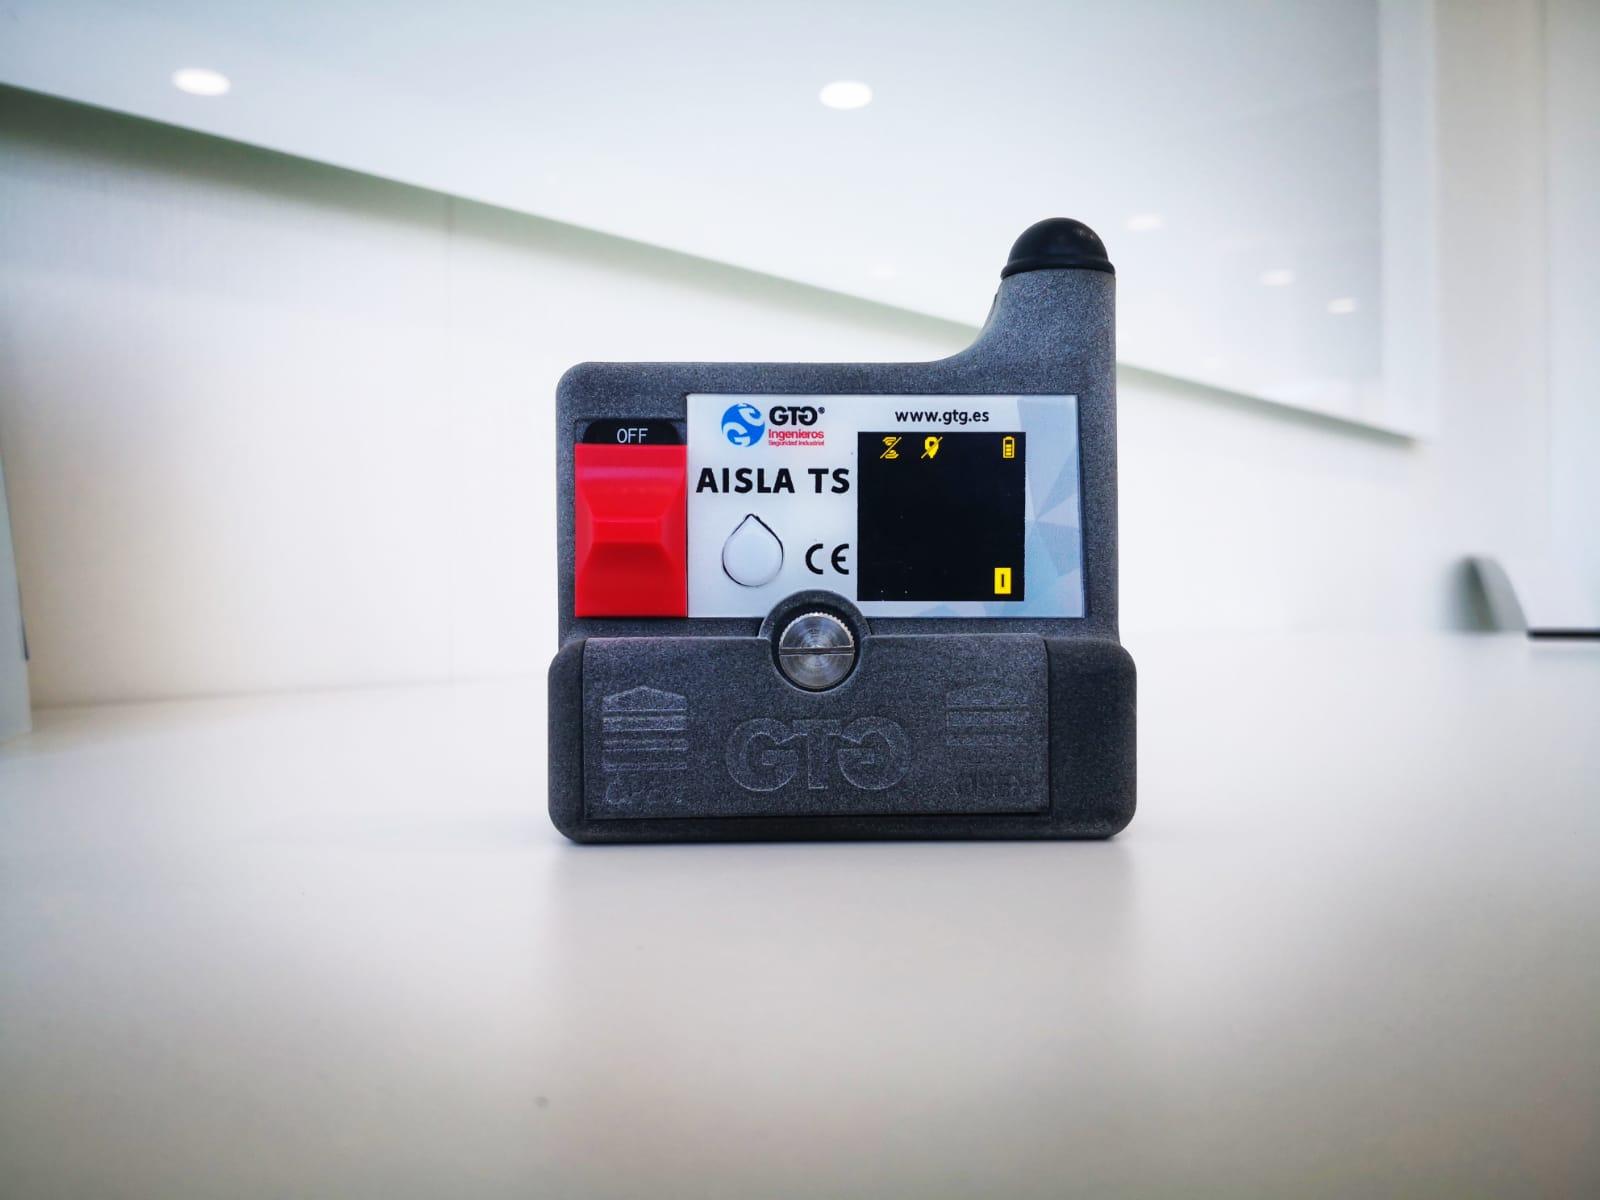 Dispositivo de localización AISLA TS